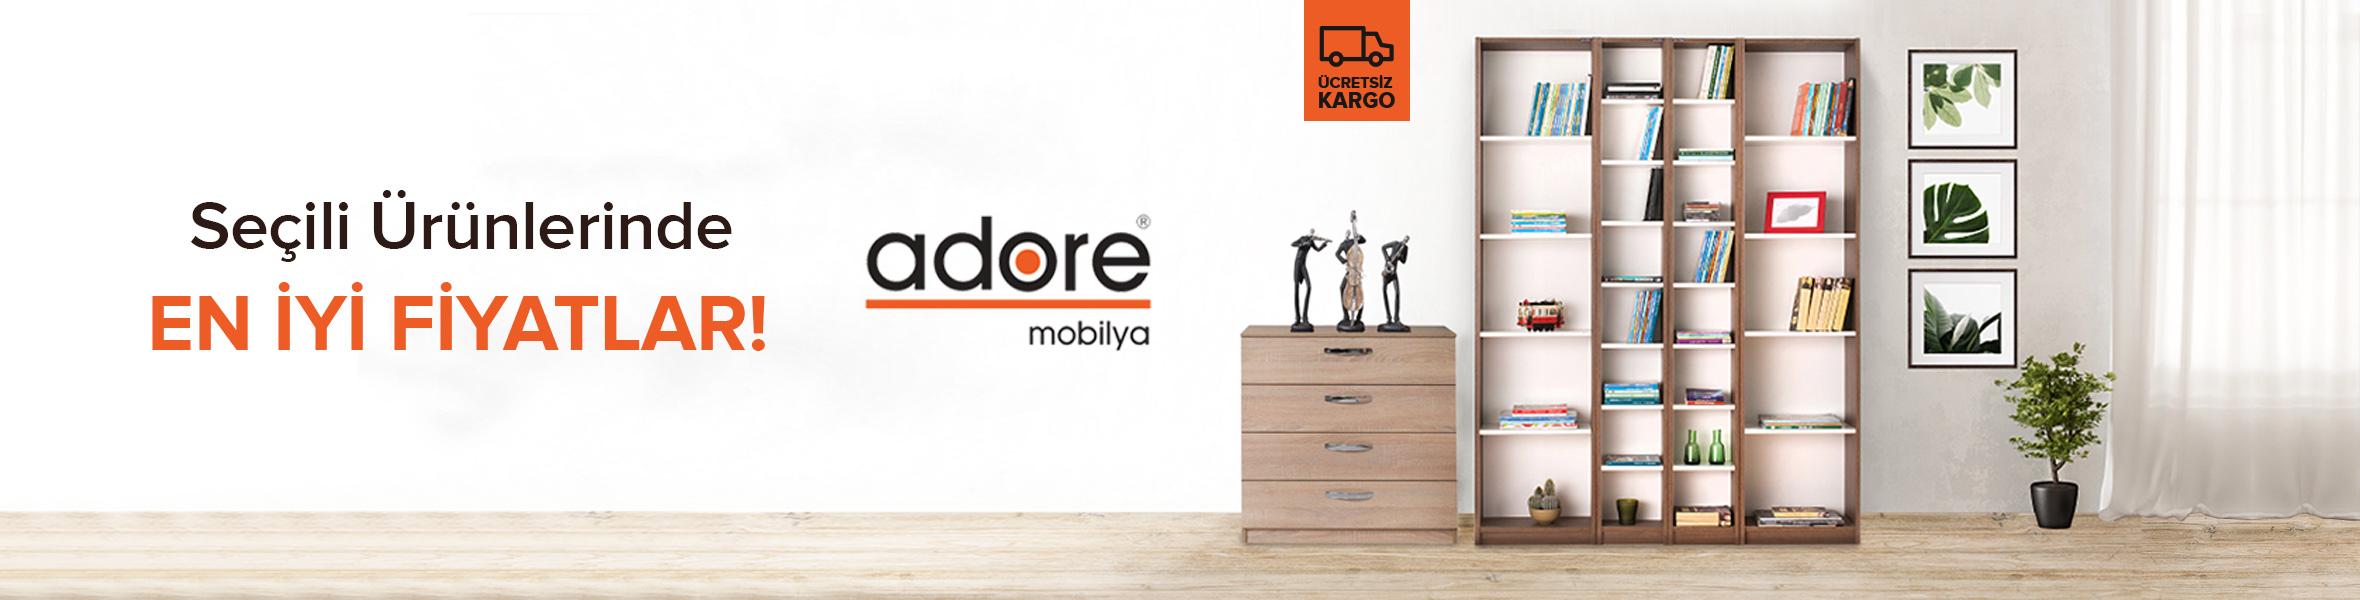 Seçili Adore Mobilya Ürünlerinde En İyi Fiyatlar